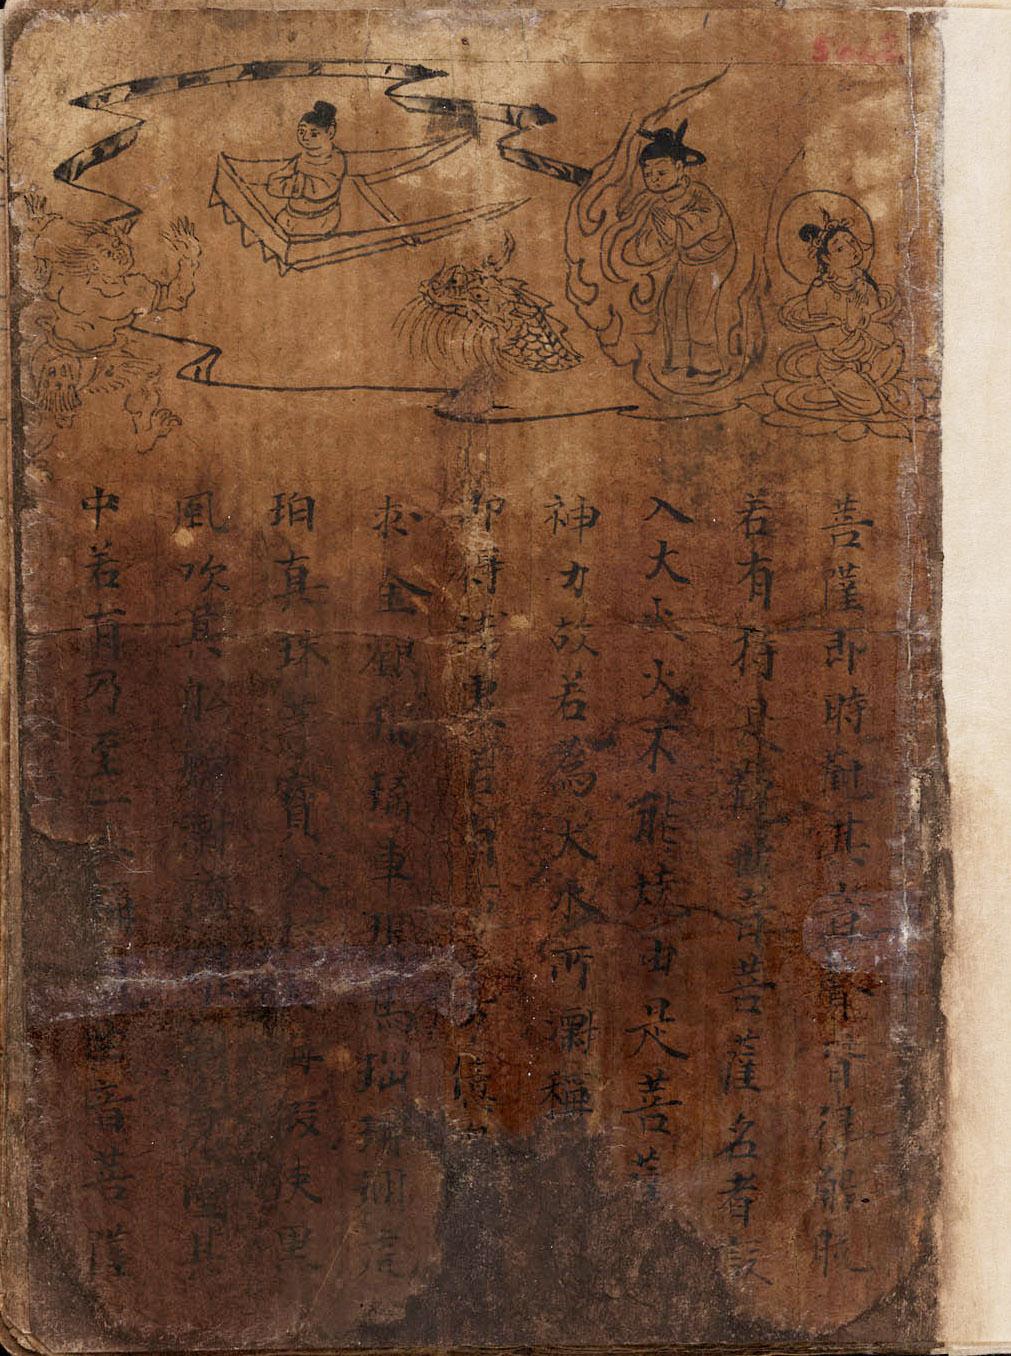 敦煌书法 魏晋南北朝书法 书法空间 永不落幕的书法博物馆